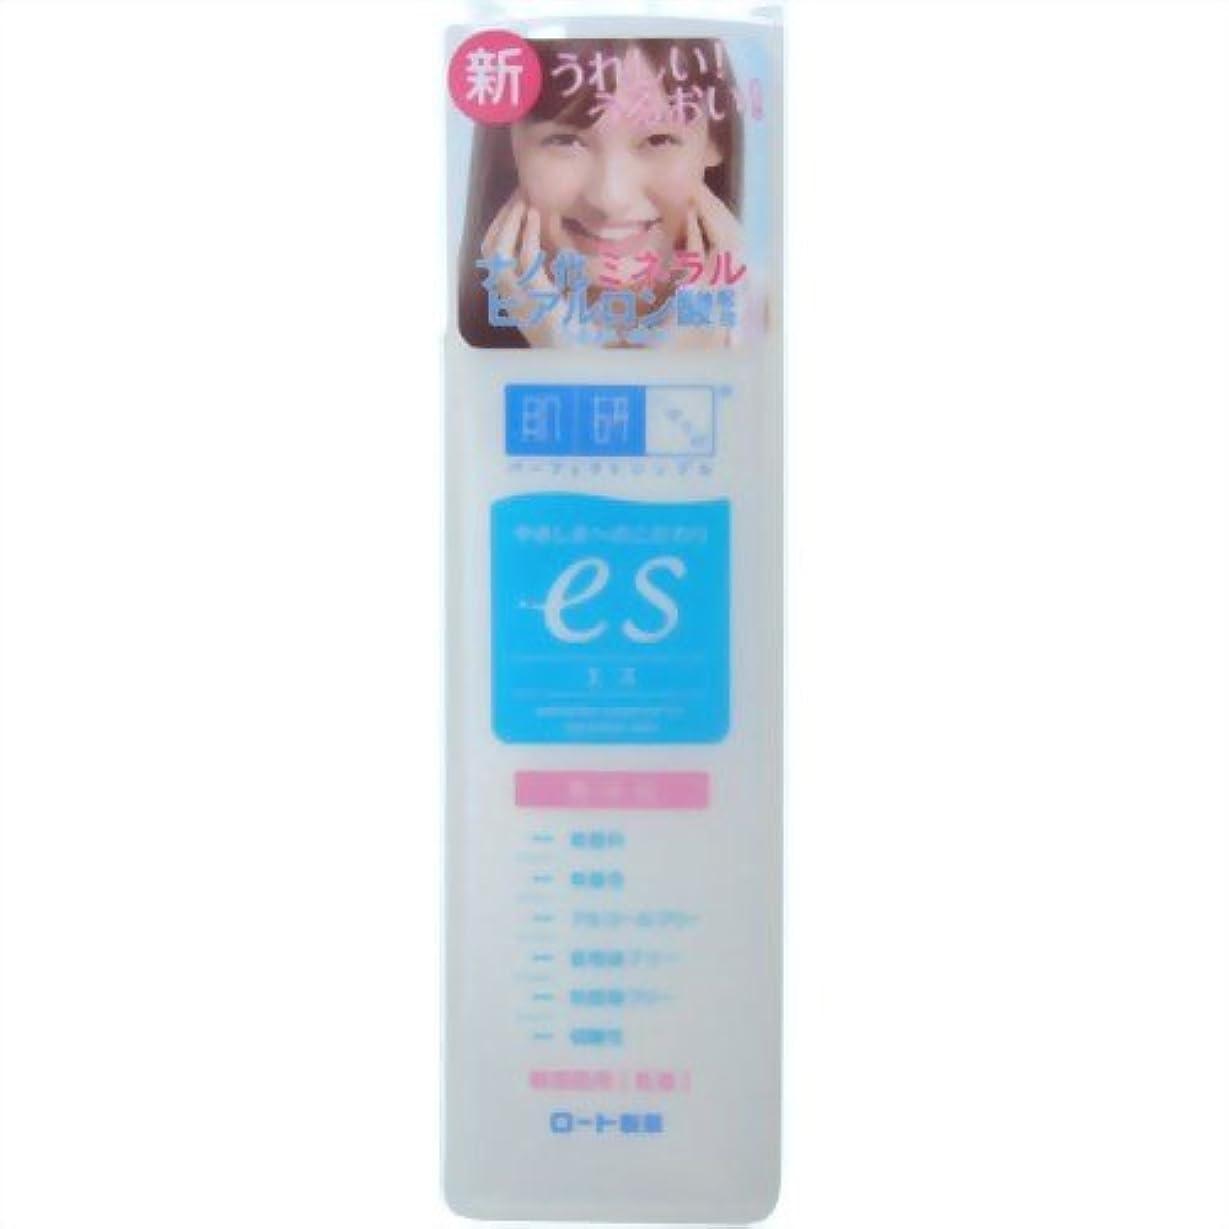 問い合わせ有名人更新する肌ラボ es(エス) ナノ化ミネラルヒアルロン酸配合 無添加処方 乳液 140ml